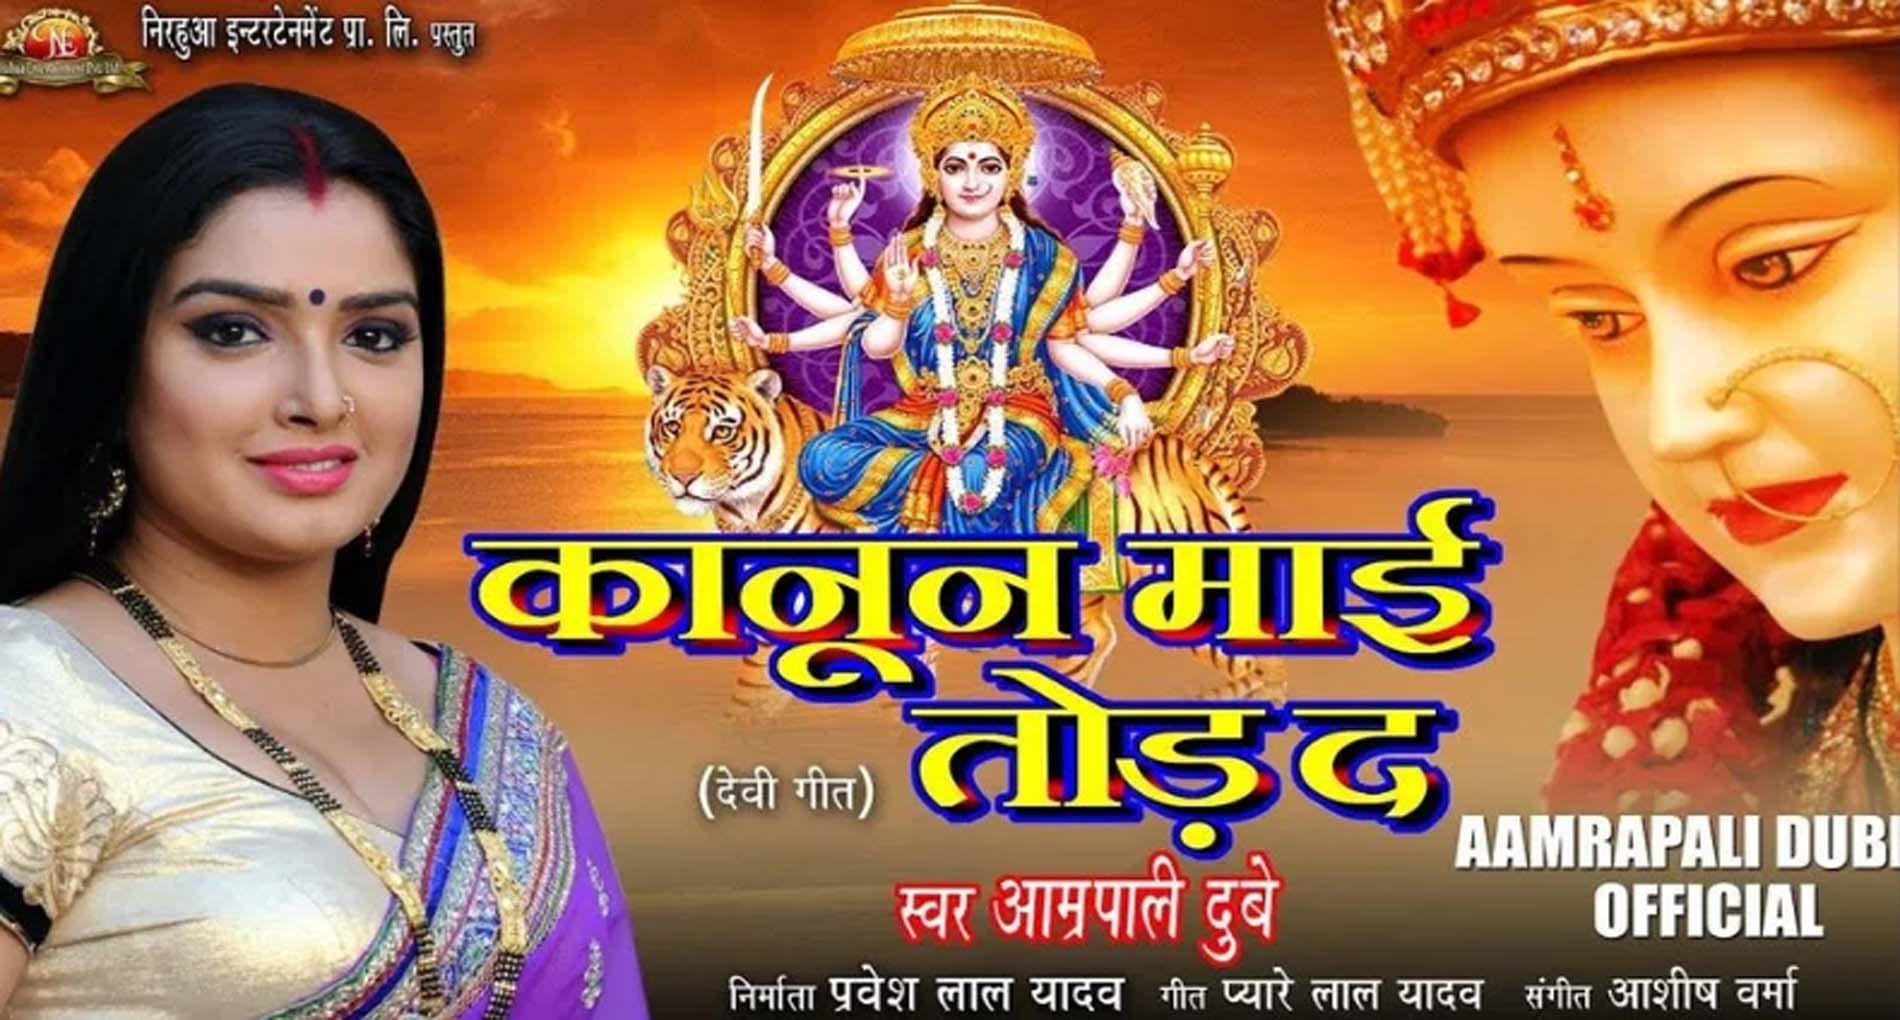 Amrapali Dubey Navratri Geet: नवरात्रि पर आम्रपाली दुबे का गीत 'कानून माई तोड़ द' हुआ Viral